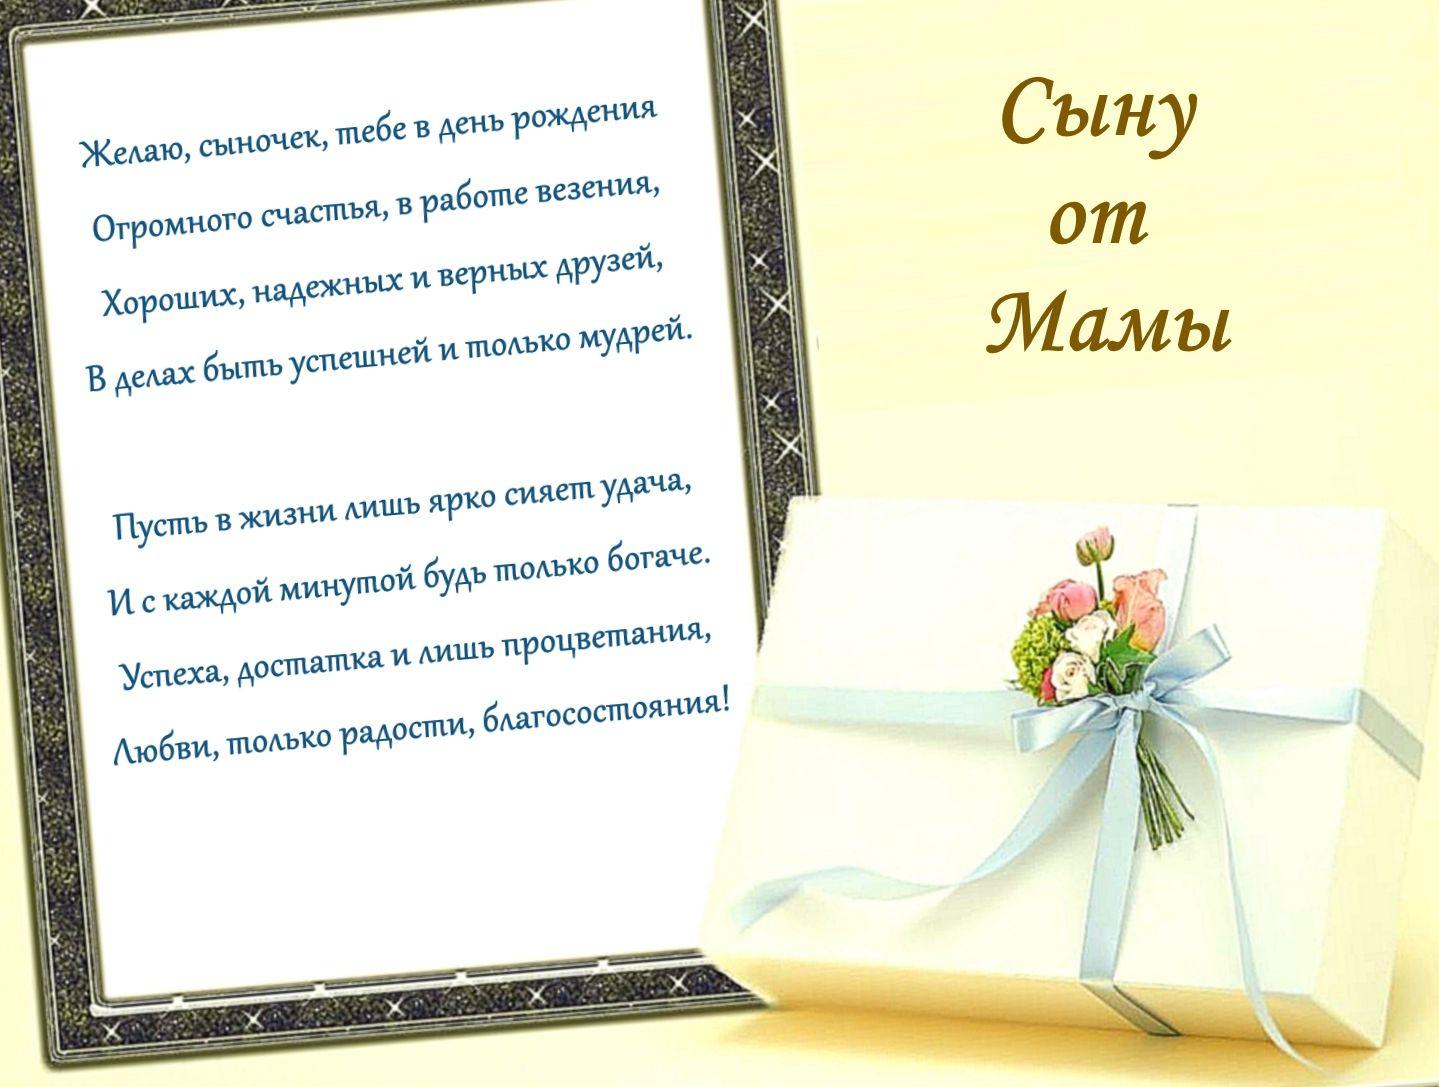 Поздравление матери с днем рождения в прозе от сына